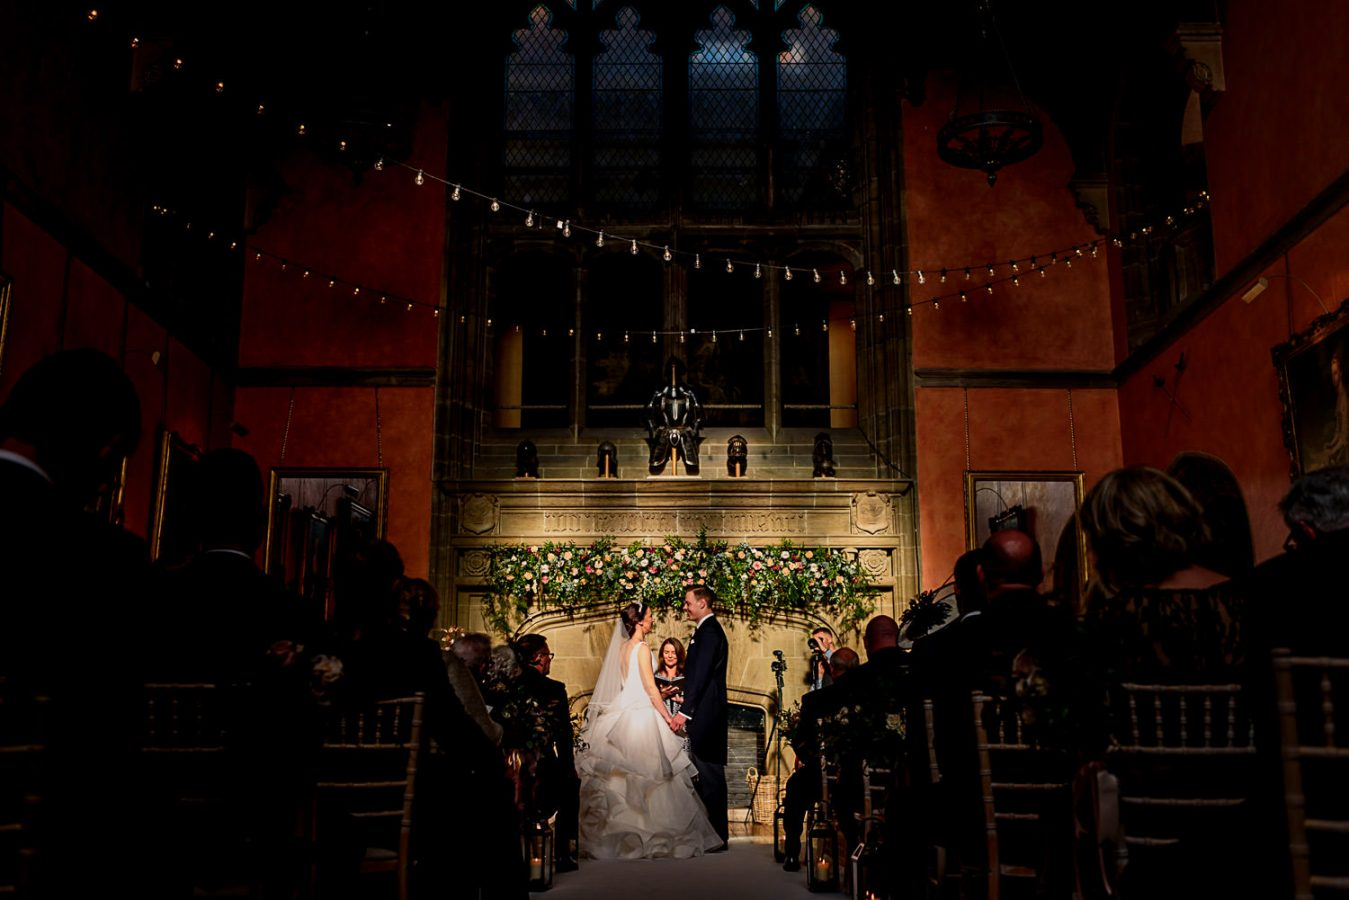 Wedding ceremony at Cowdray estate